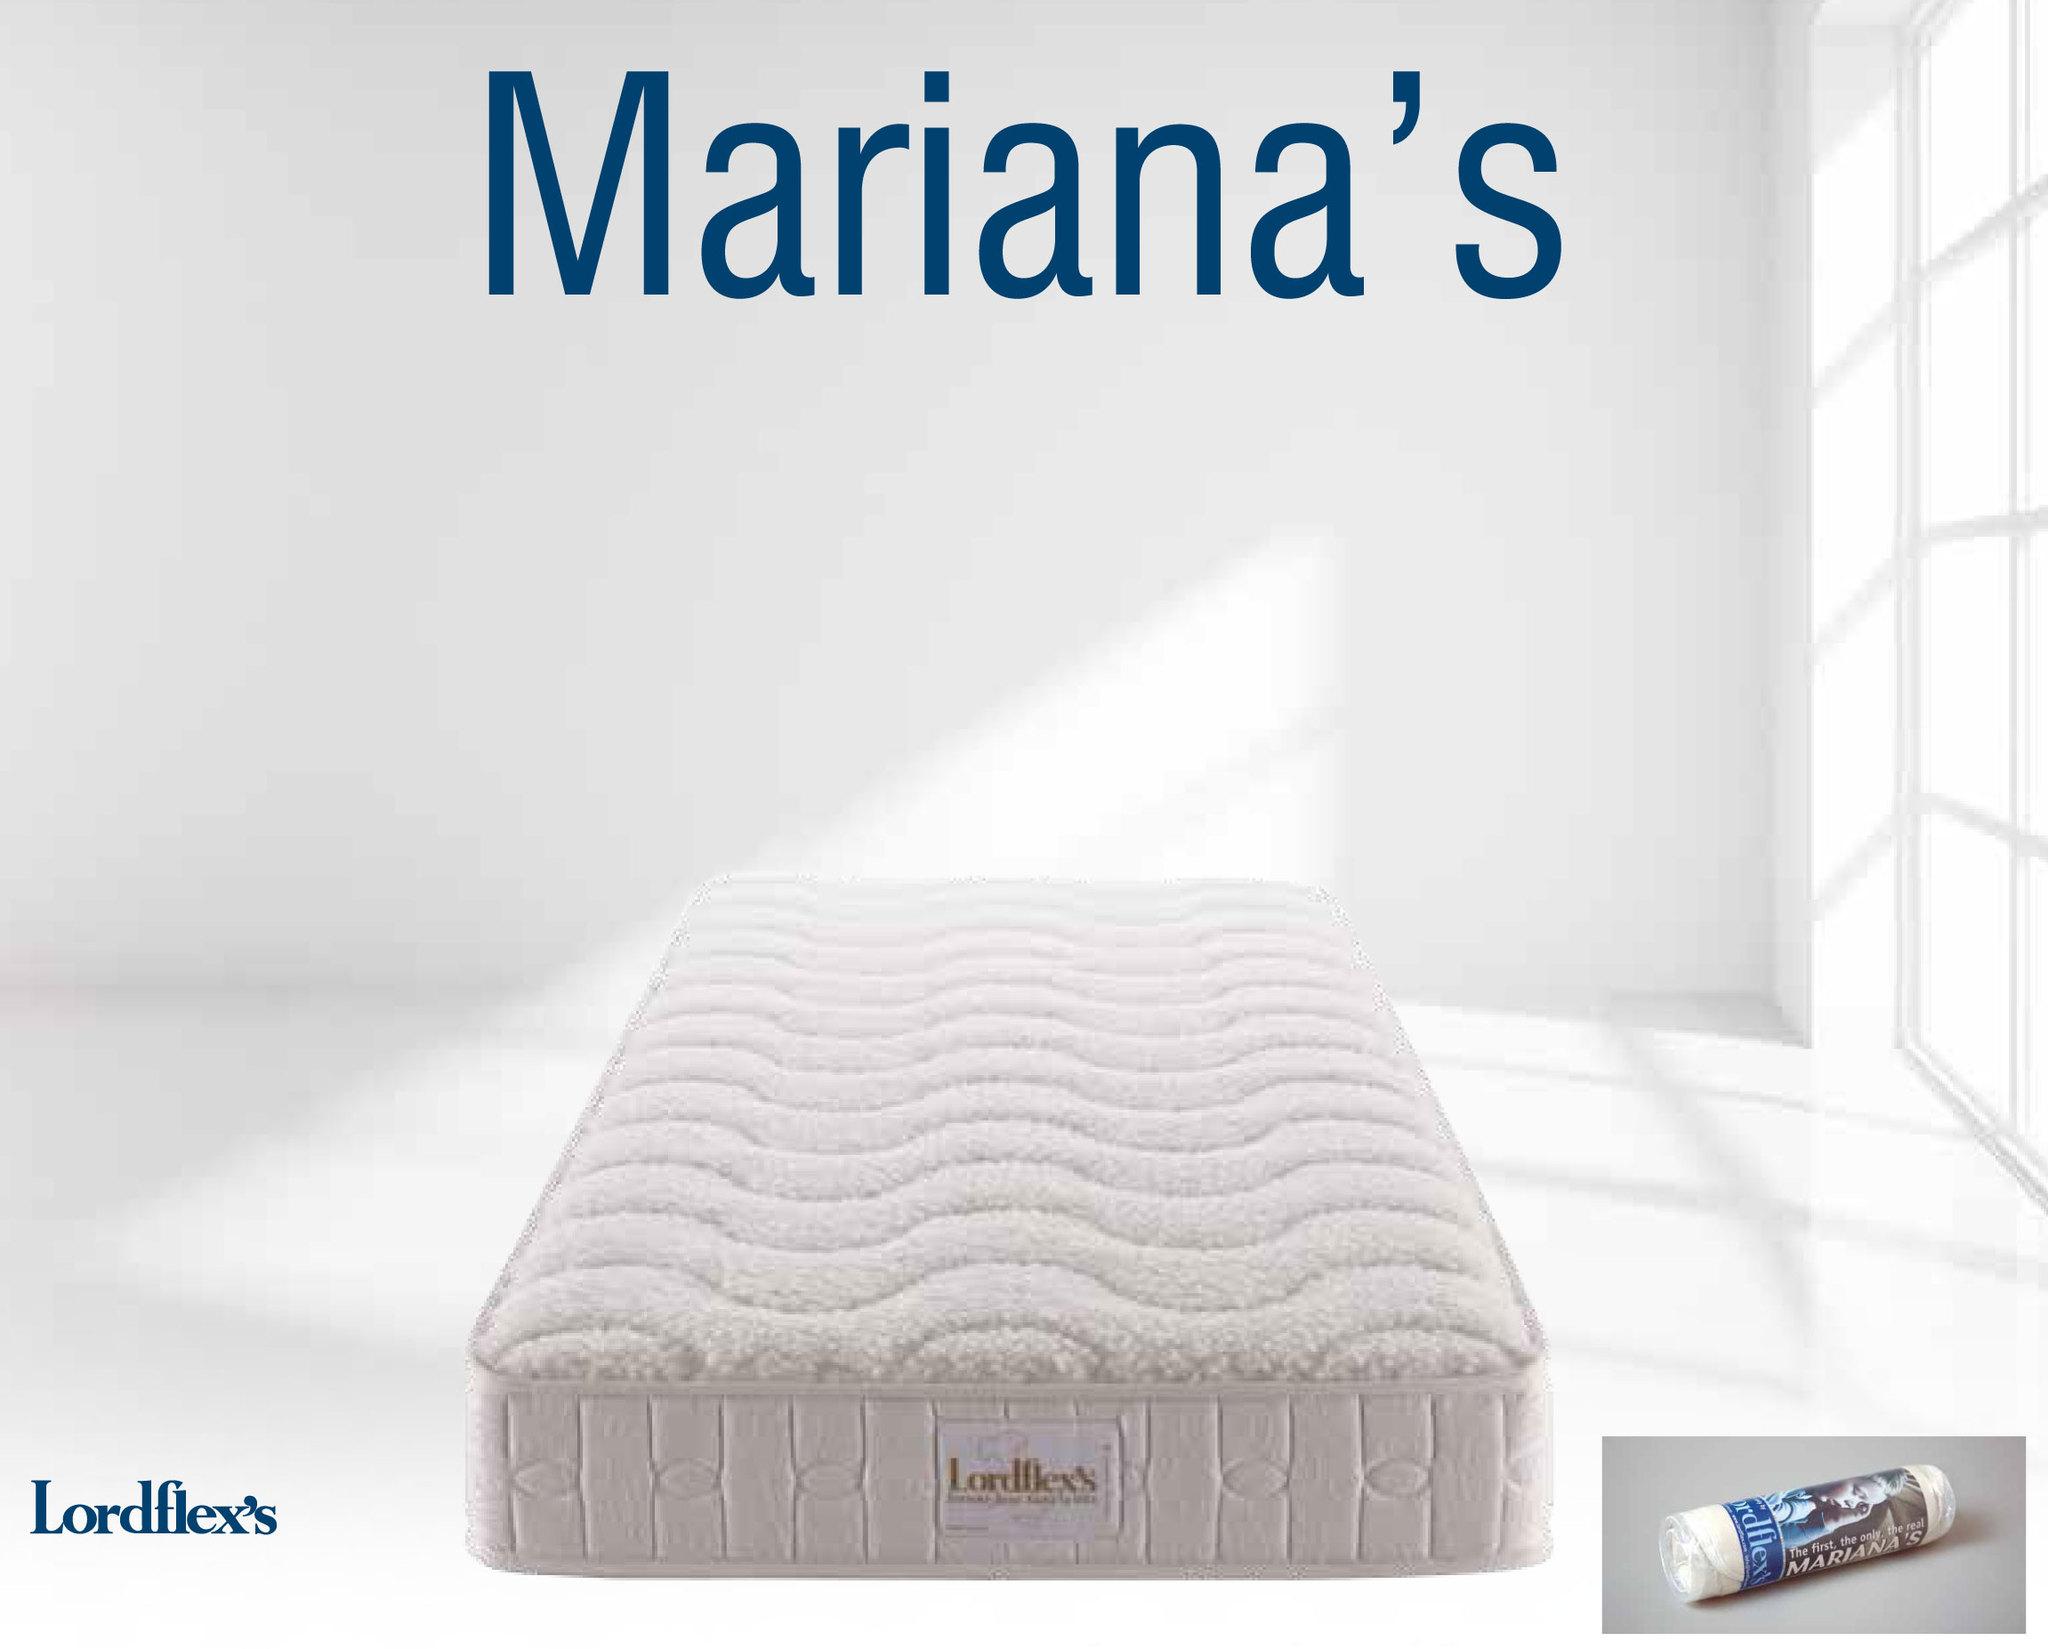 Матрасы Матрас ортопедический Lordflex's Mariana's 200х200 до 140 кг в вакуумной упаковке 1_Mariana_s.jpg